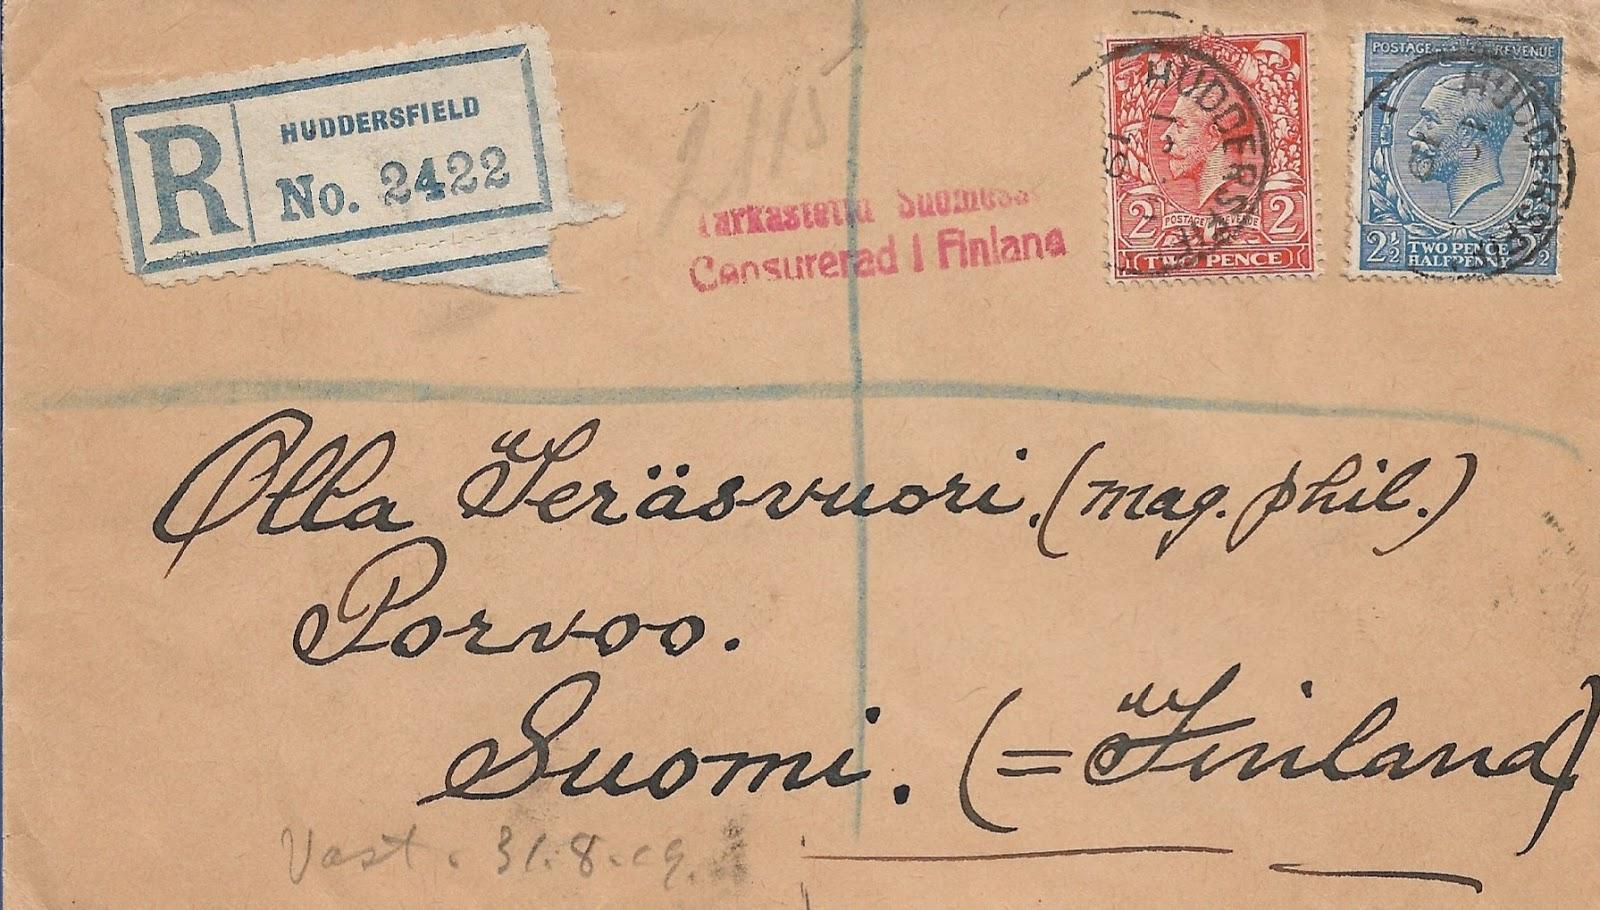 Kirjattu Kirje Posti